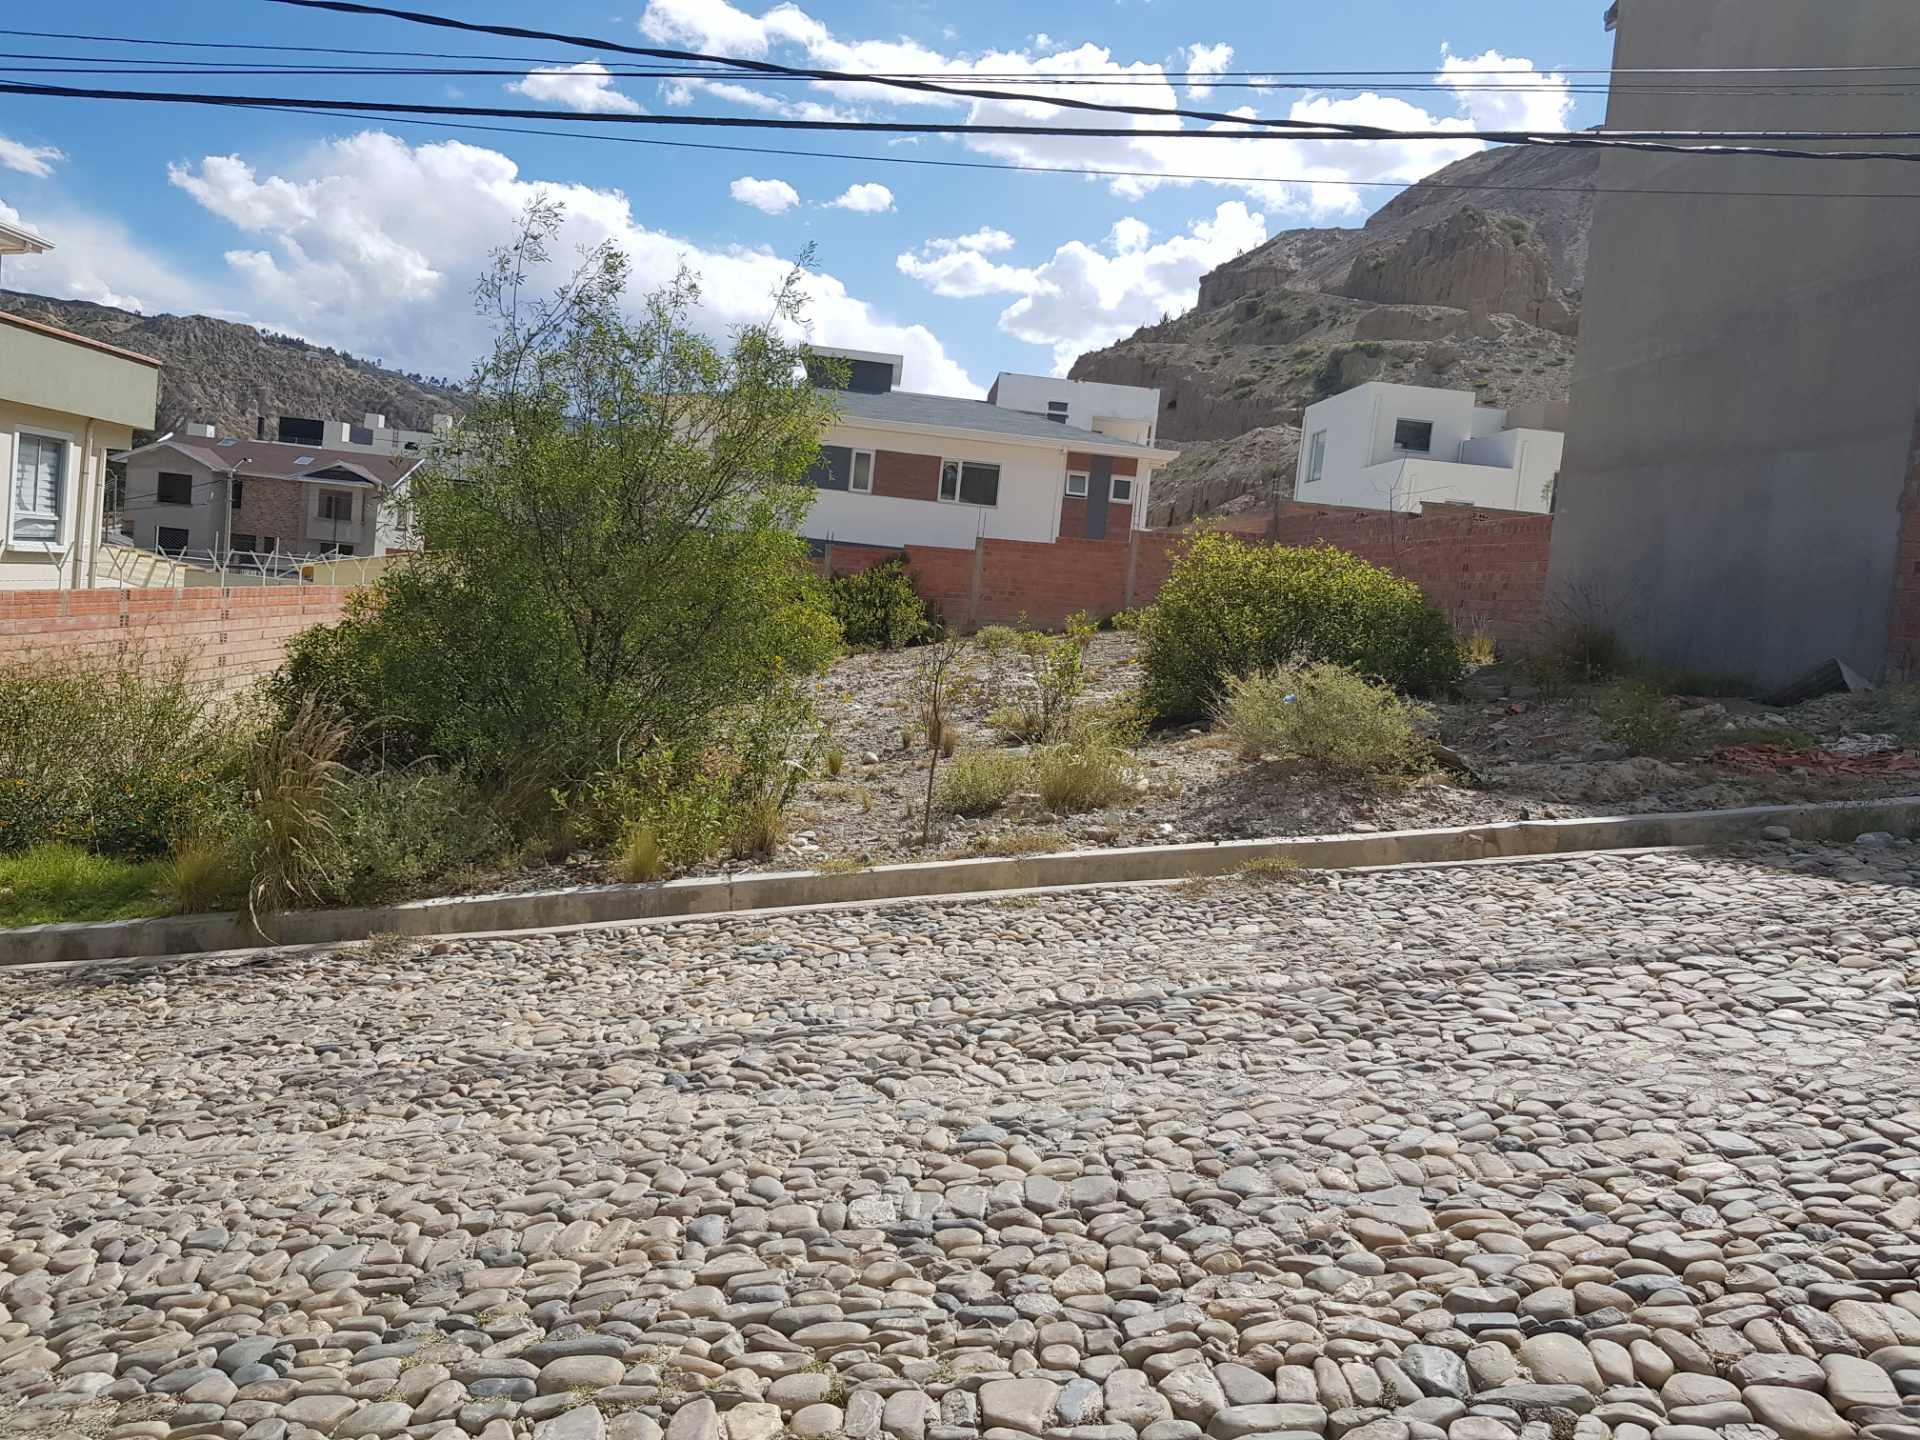 Terreno en Venta Mallasilla urbanización Valle del Sol Foto 2